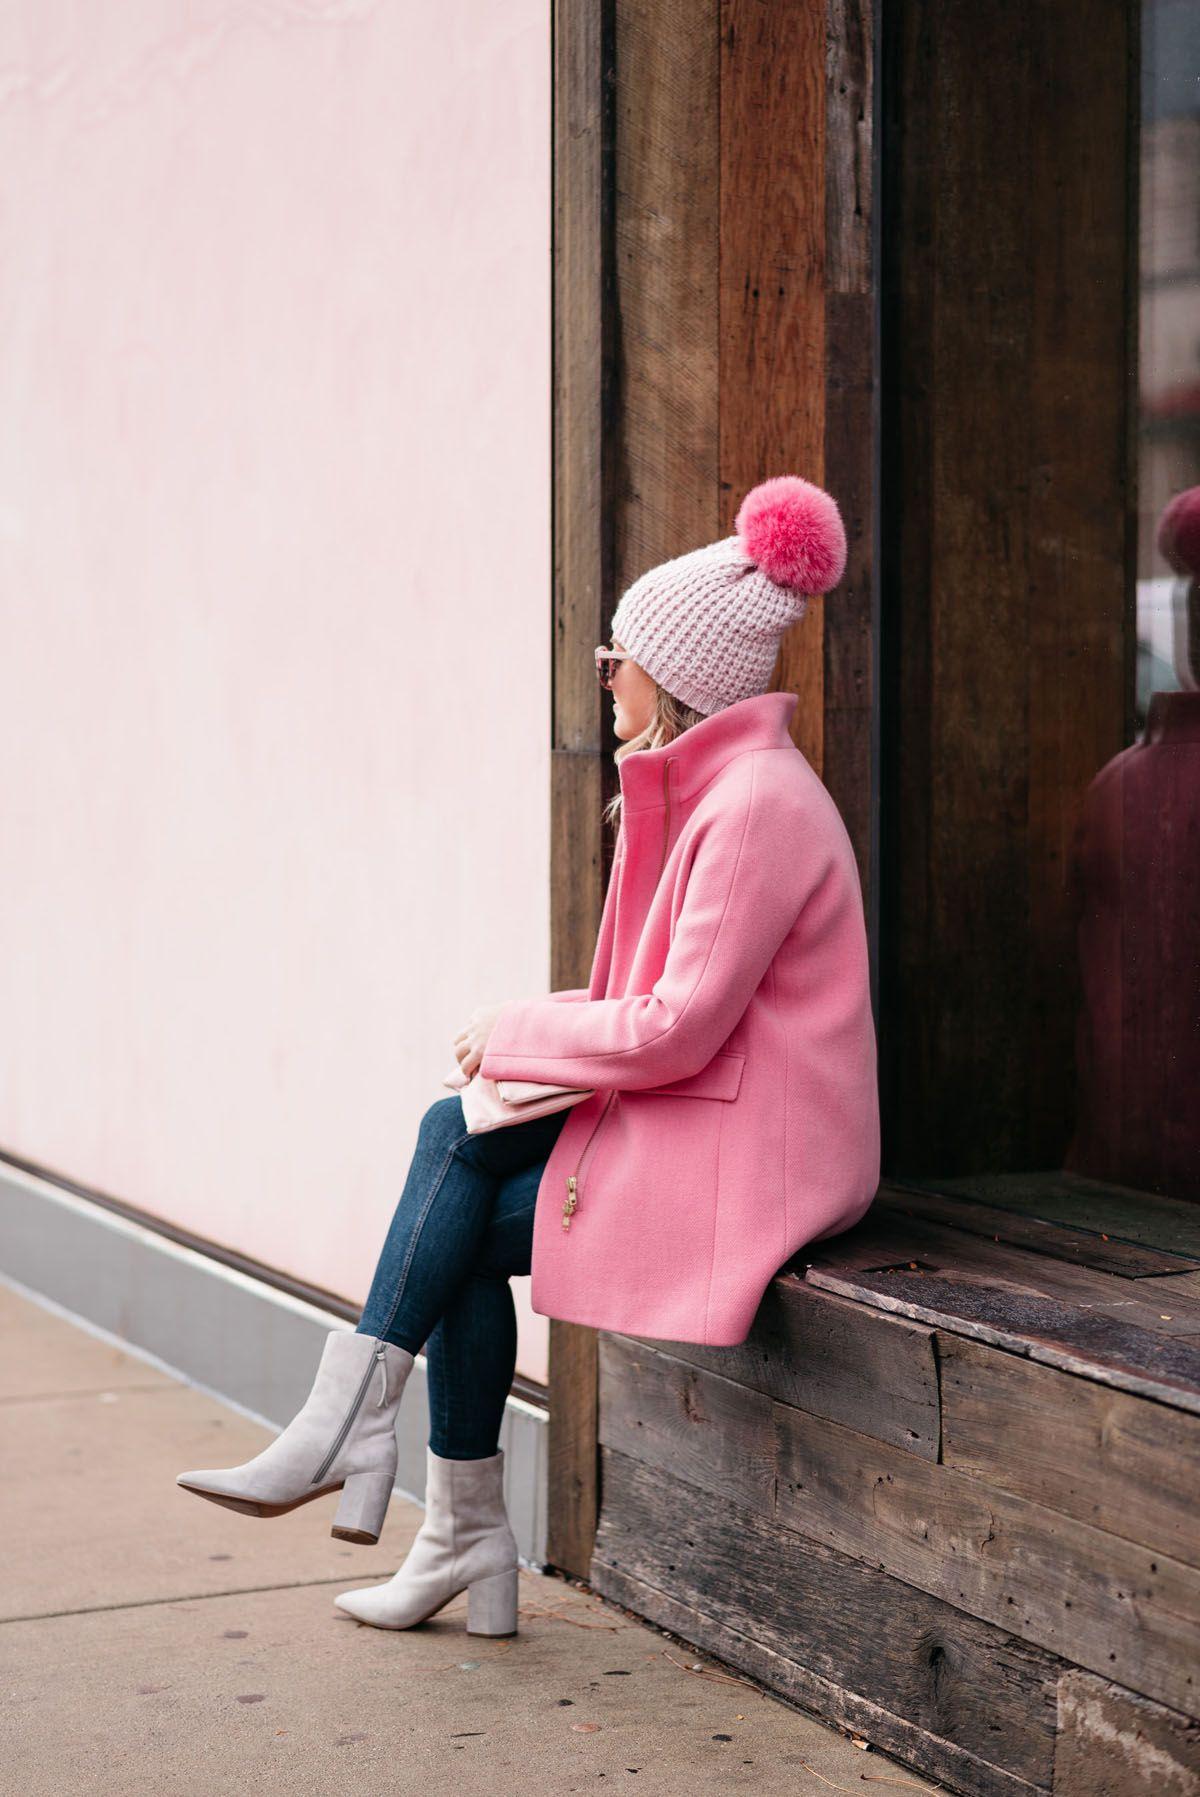 ae6bd1374c7cb Jessica Sturdy wearing a Kyi Kyi pink pom pom hat